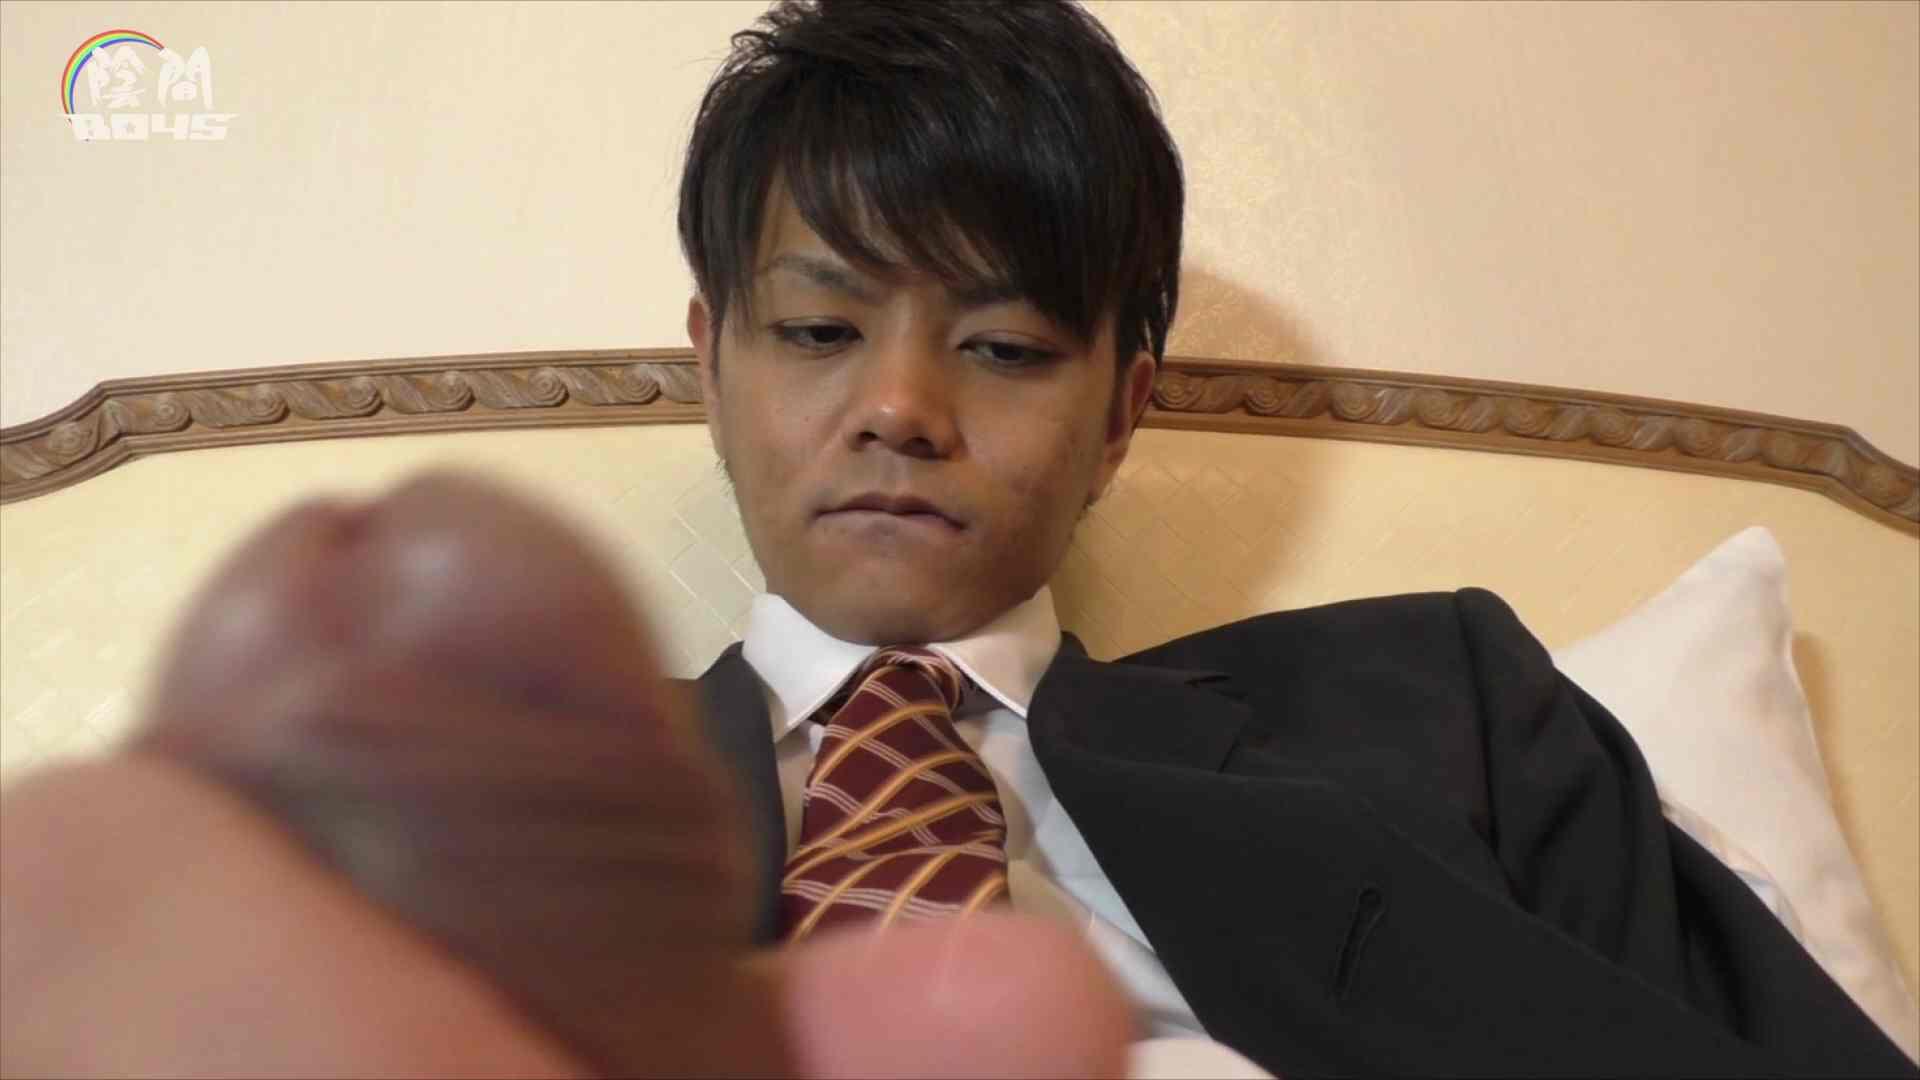 陰間BOYS~キャバクラの仕事はアナルから4 Vol.01 ザーメン ゲイエロ画像 108pic 25